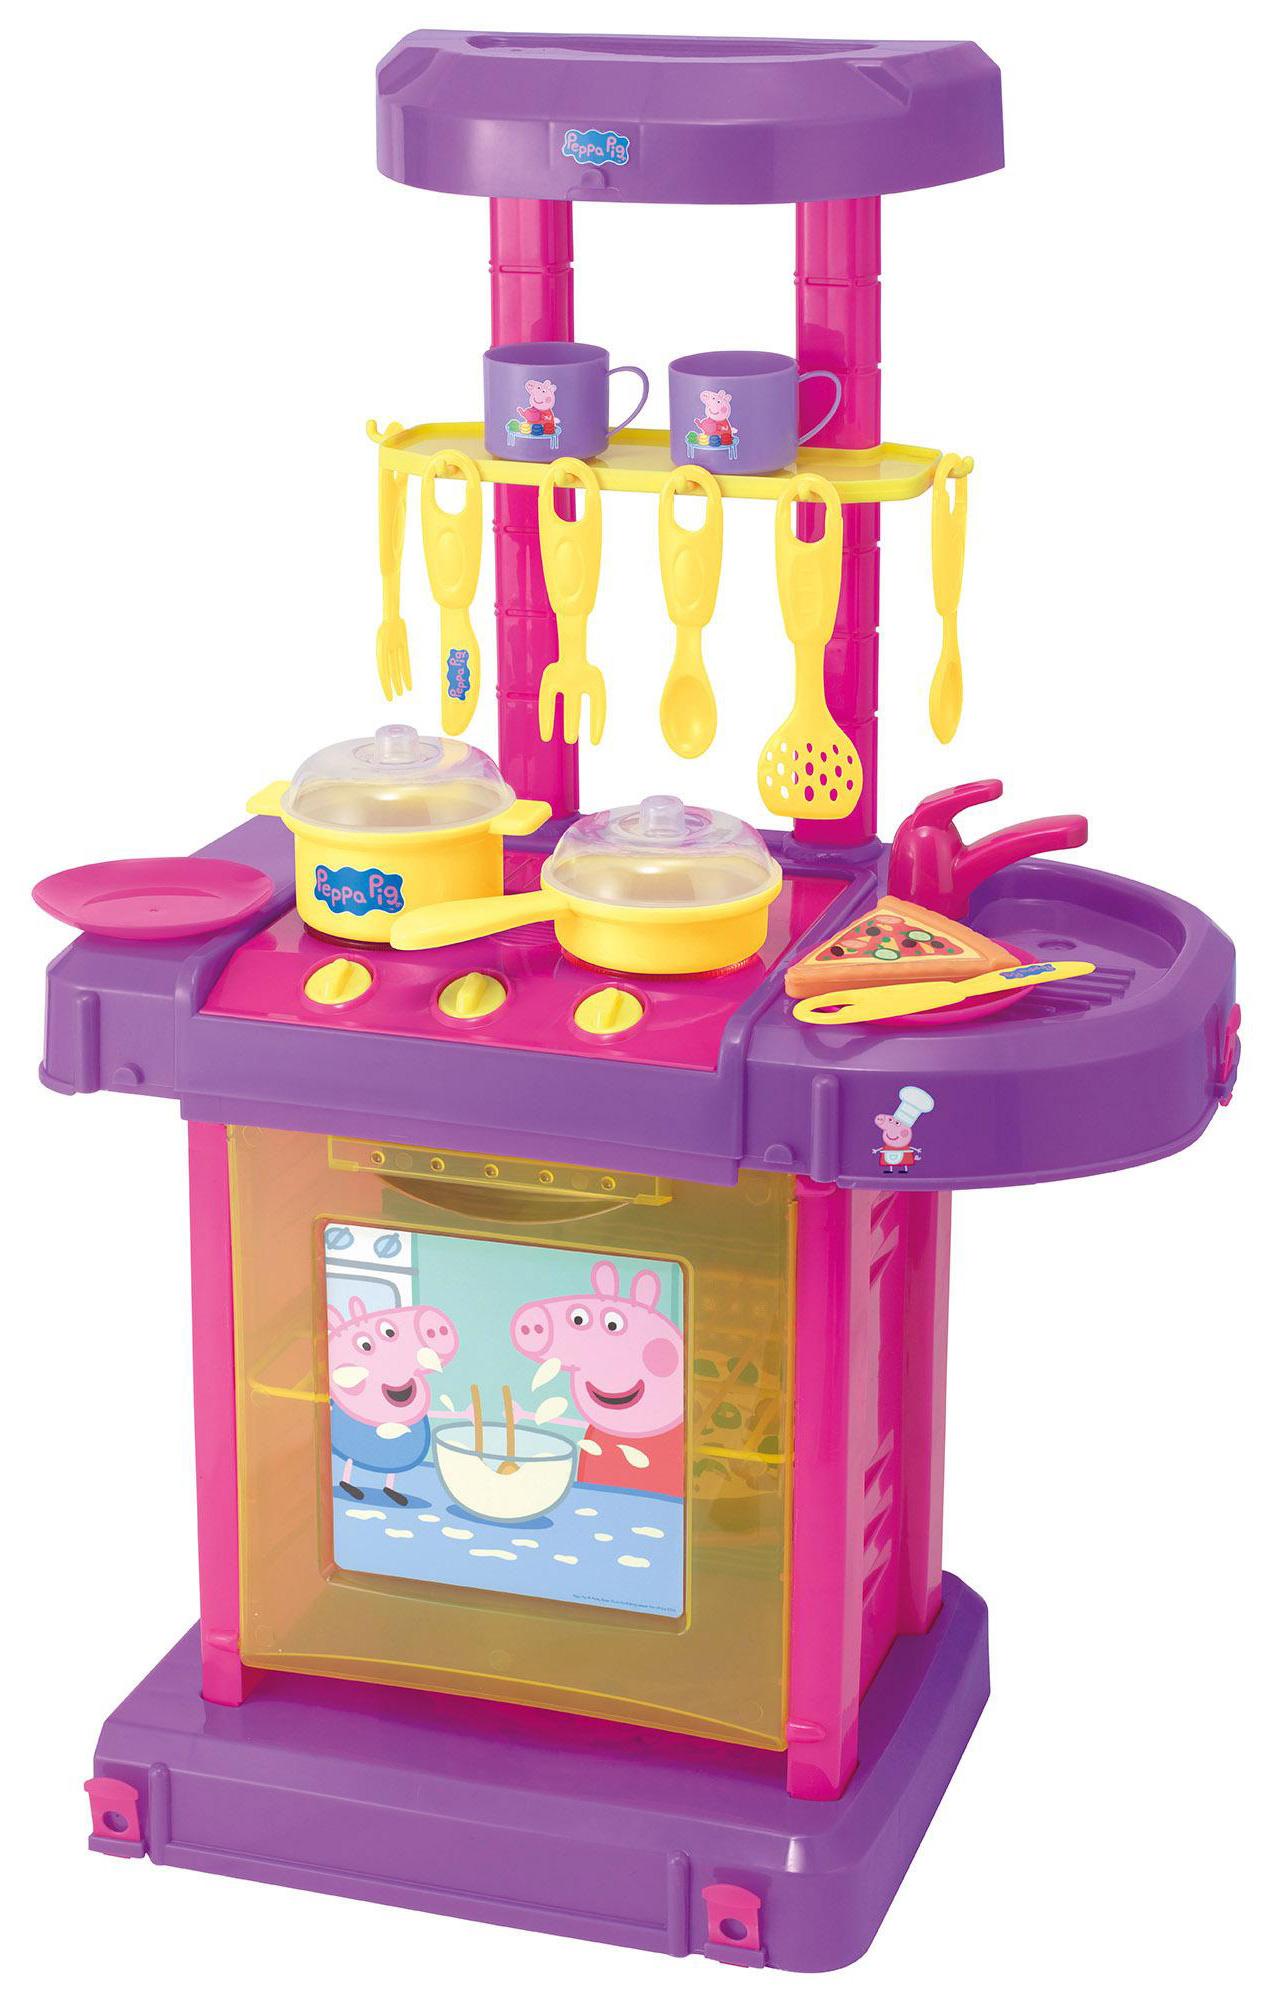 Juguetes De Peppa Pig Para Ninos Sharemedoc # Muebles De Peppa Pig